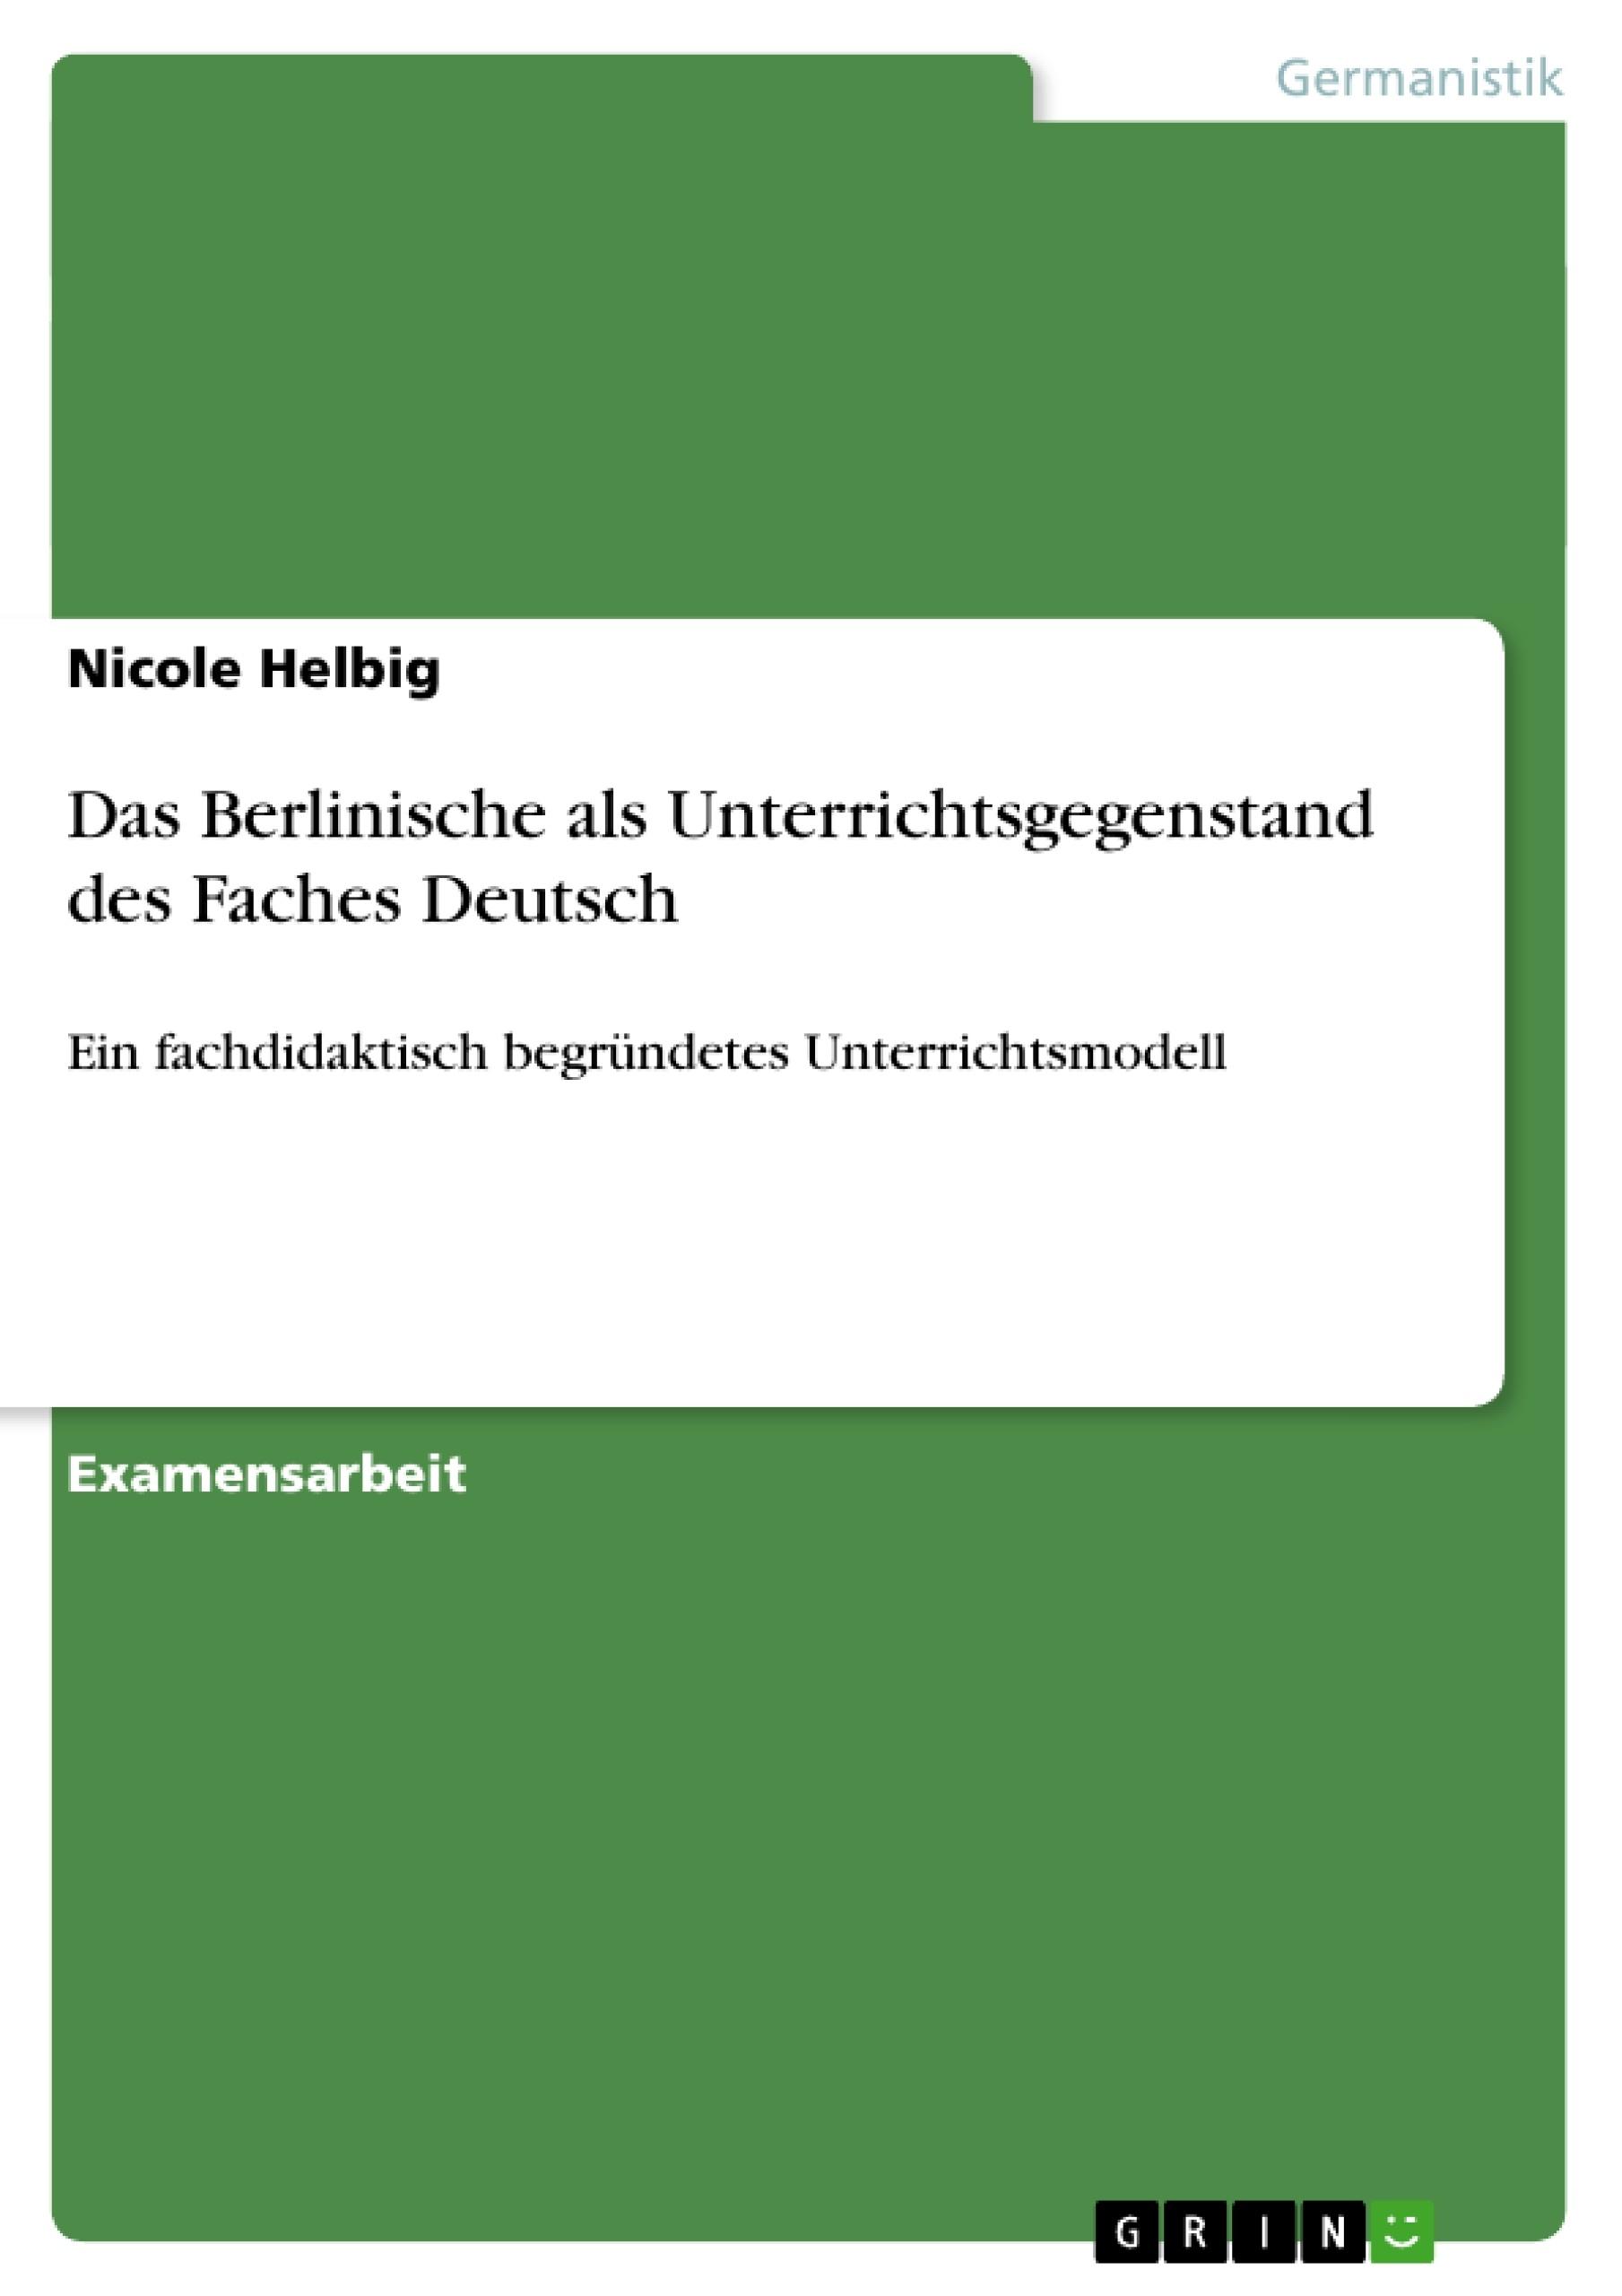 Titel: Das Berlinische als Unterrichtsgegenstand des Faches Deutsch